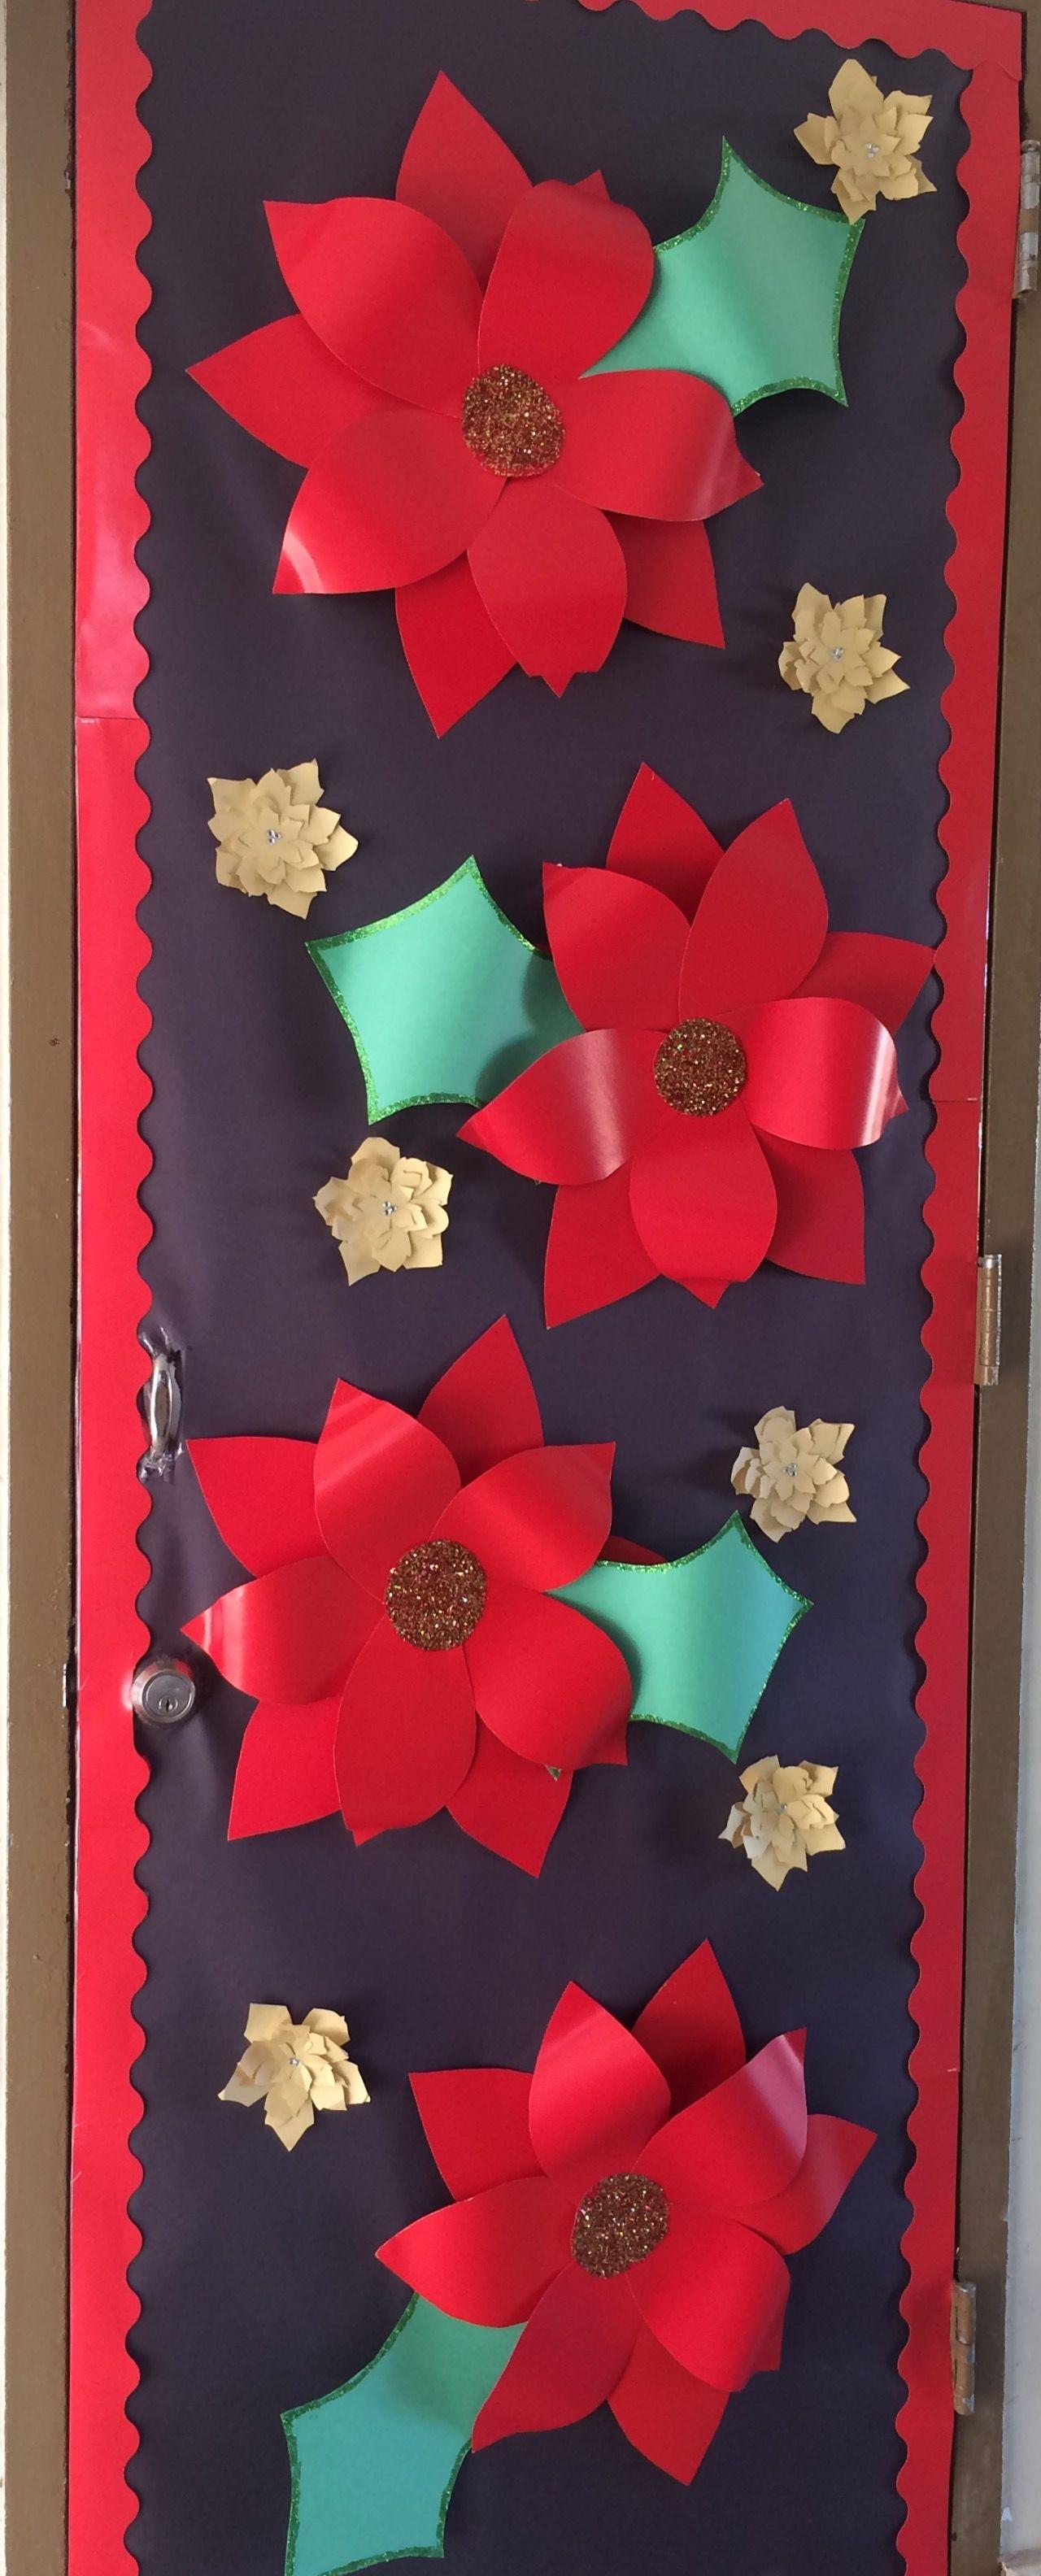 Pin de oliday en la escuelita de m ry christmas door for Puertas decoradas navidad material reciclable